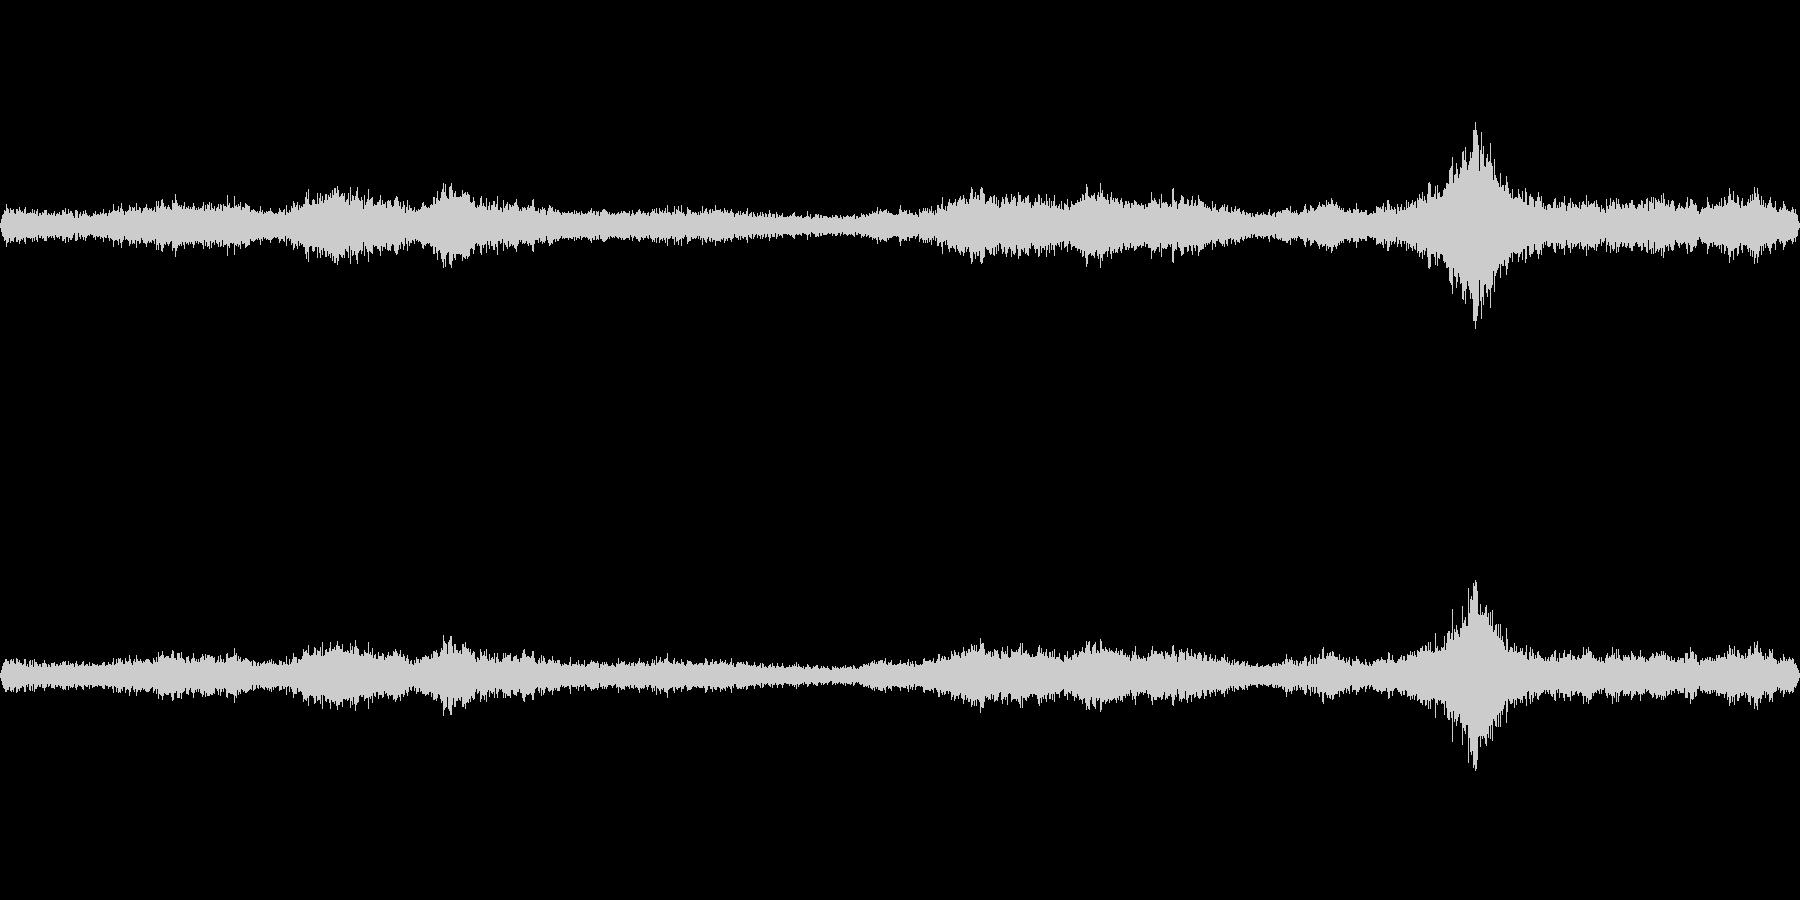 台風の日の室内環境音2bの未再生の波形